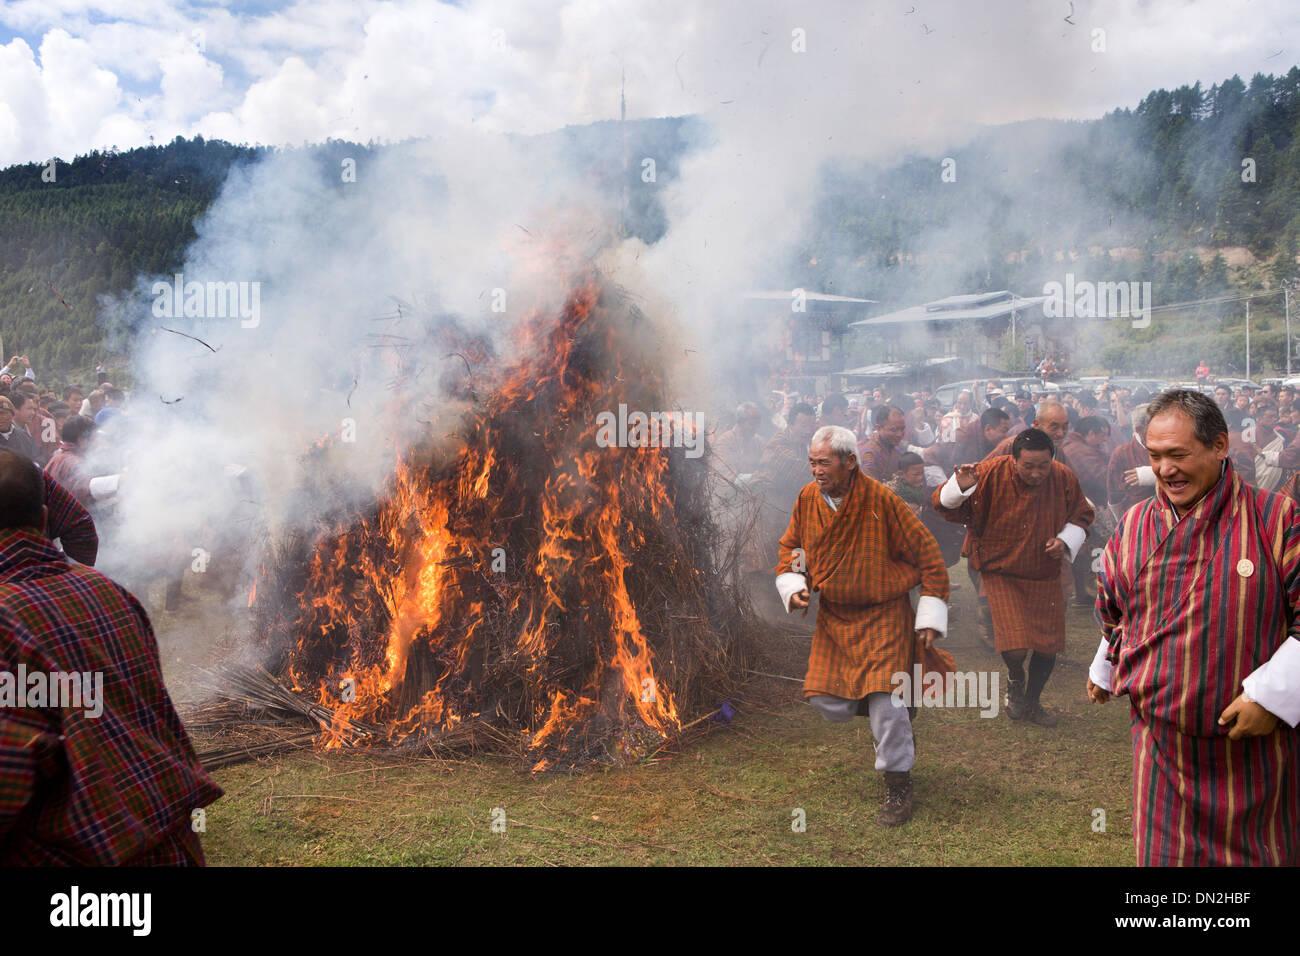 Bhutan, Thangbi Lhakang, Mewang, fire blessing ceremony, men running between fires - Stock Image